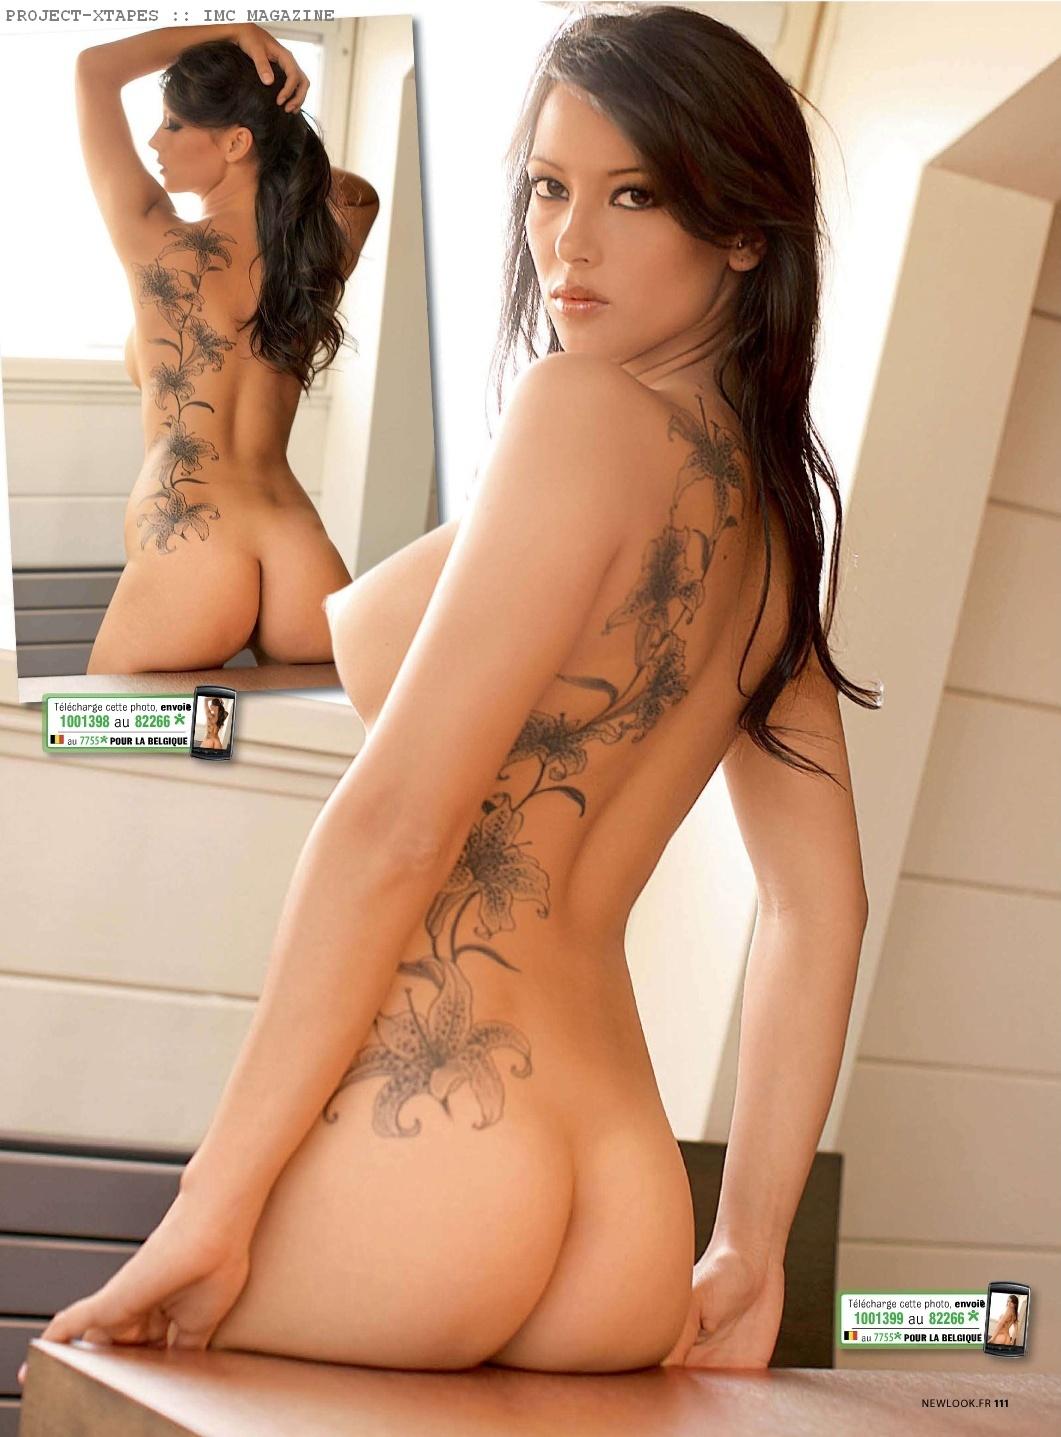 http://1.bp.blogspot.com/_I0284eWfrjw/TTS6McB_ZfI/AAAAAAAABIo/g24cF4zRTDQ/s1600/95405_Newlook27_123_243lo.jpg